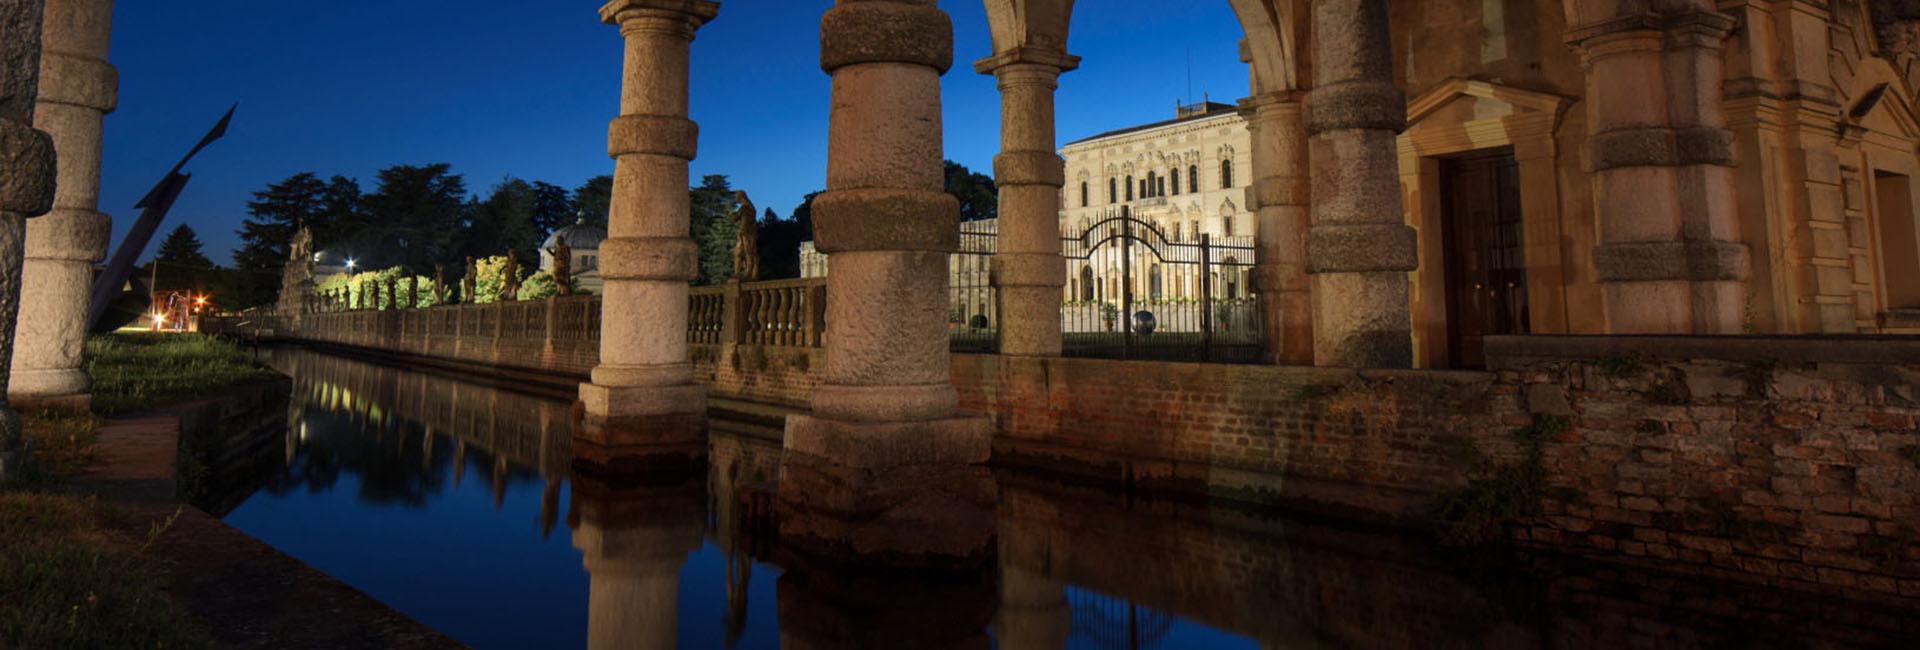 Padova Travel Vie d'acqua ©Luca Zausa